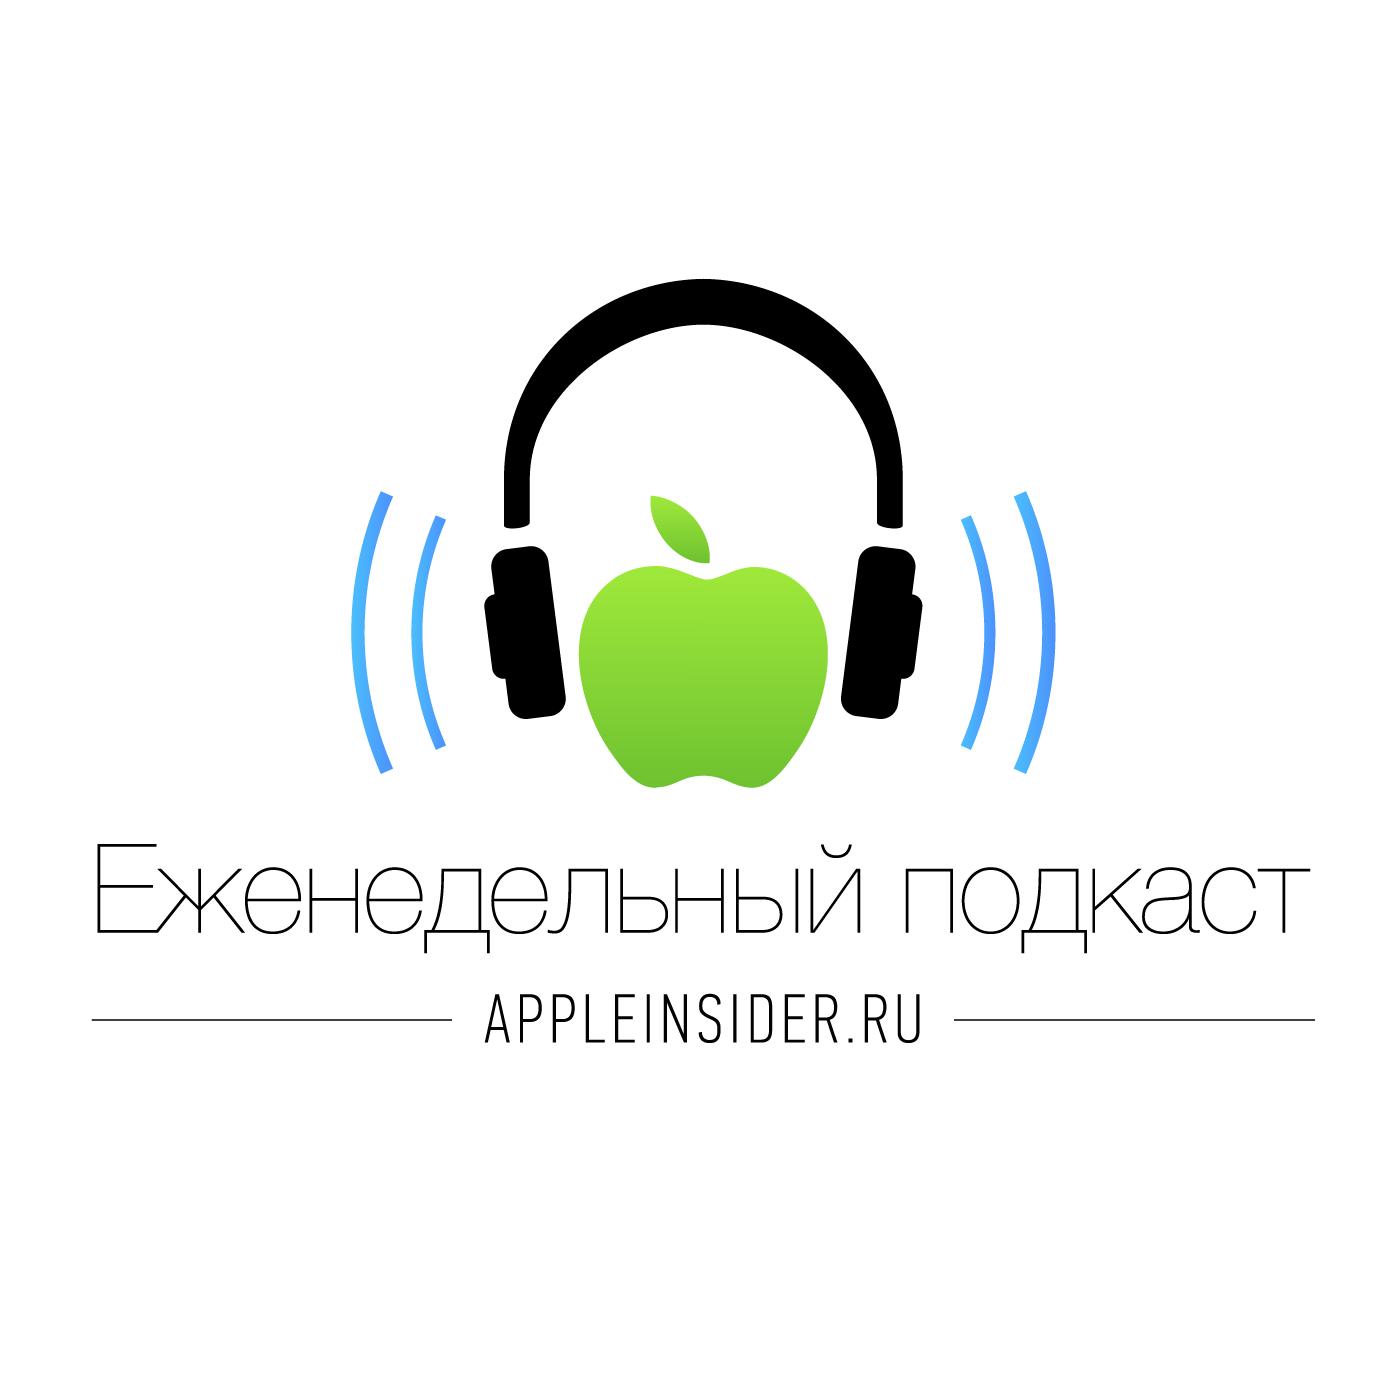 Миша Королев Почему Apple не дает доступ к NFC в iPhone миша королев чему равна наценка на iphone в российской рознице